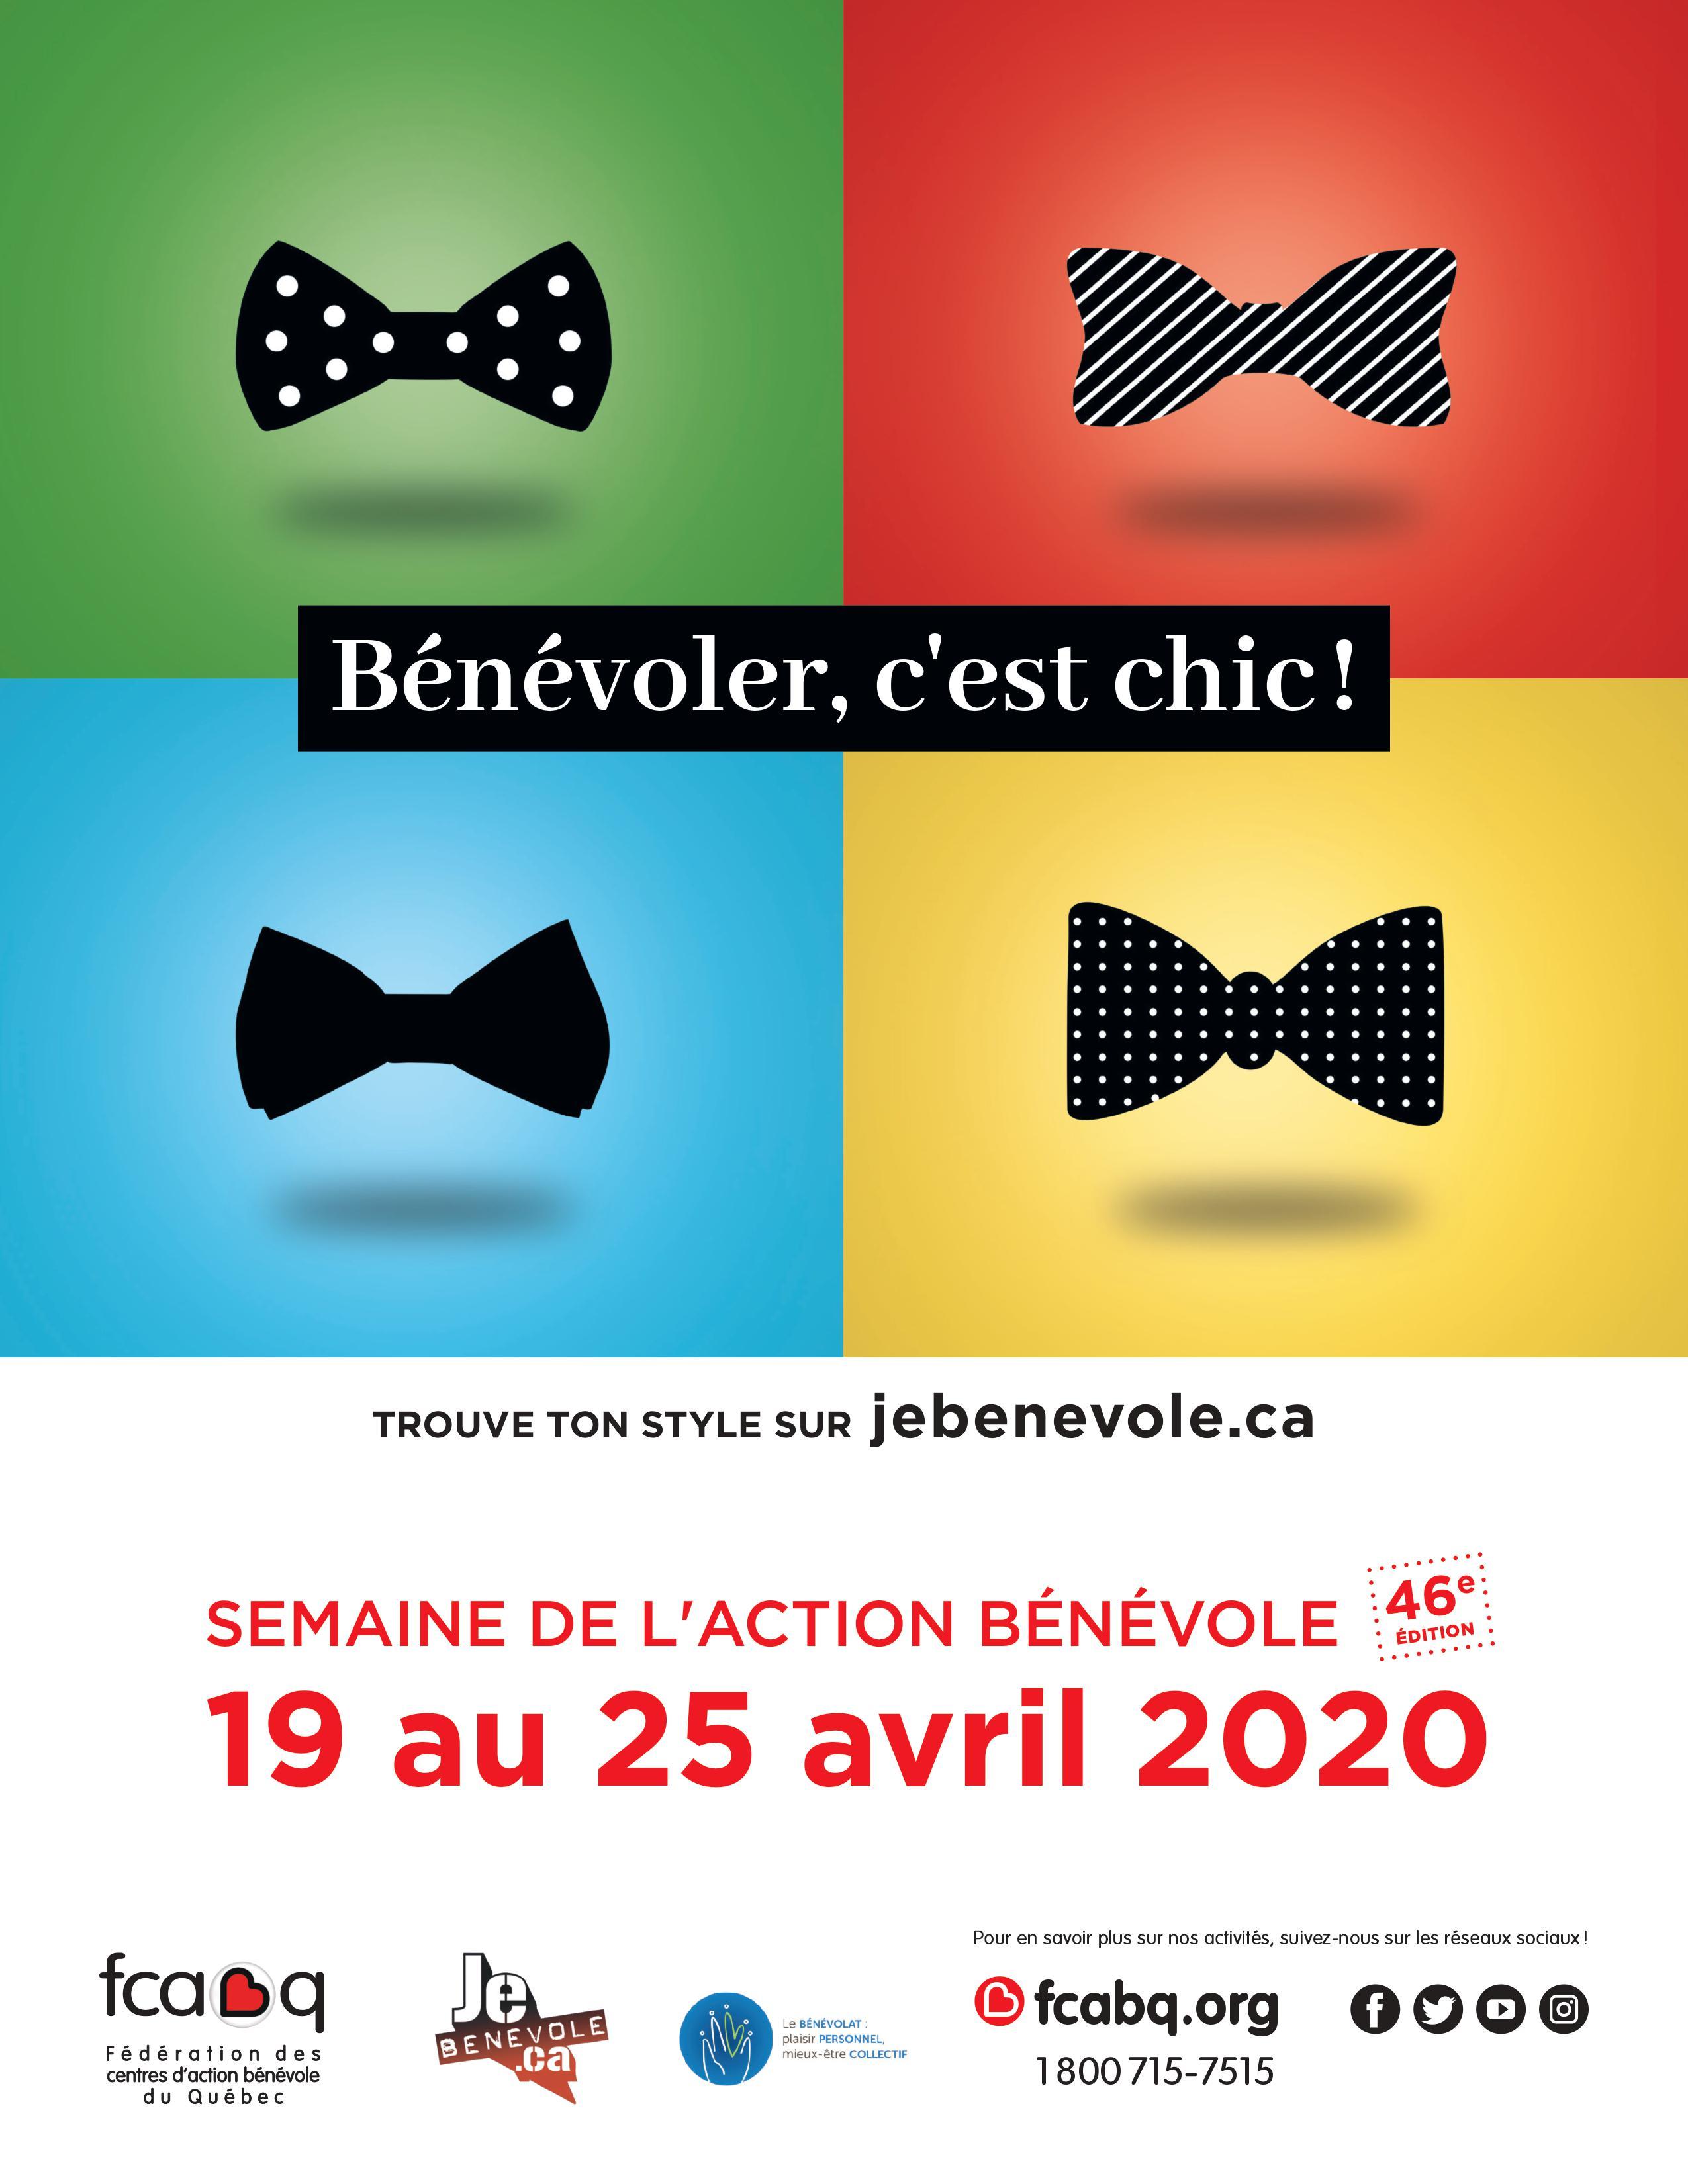 Semaine de l'action bénévole 2020